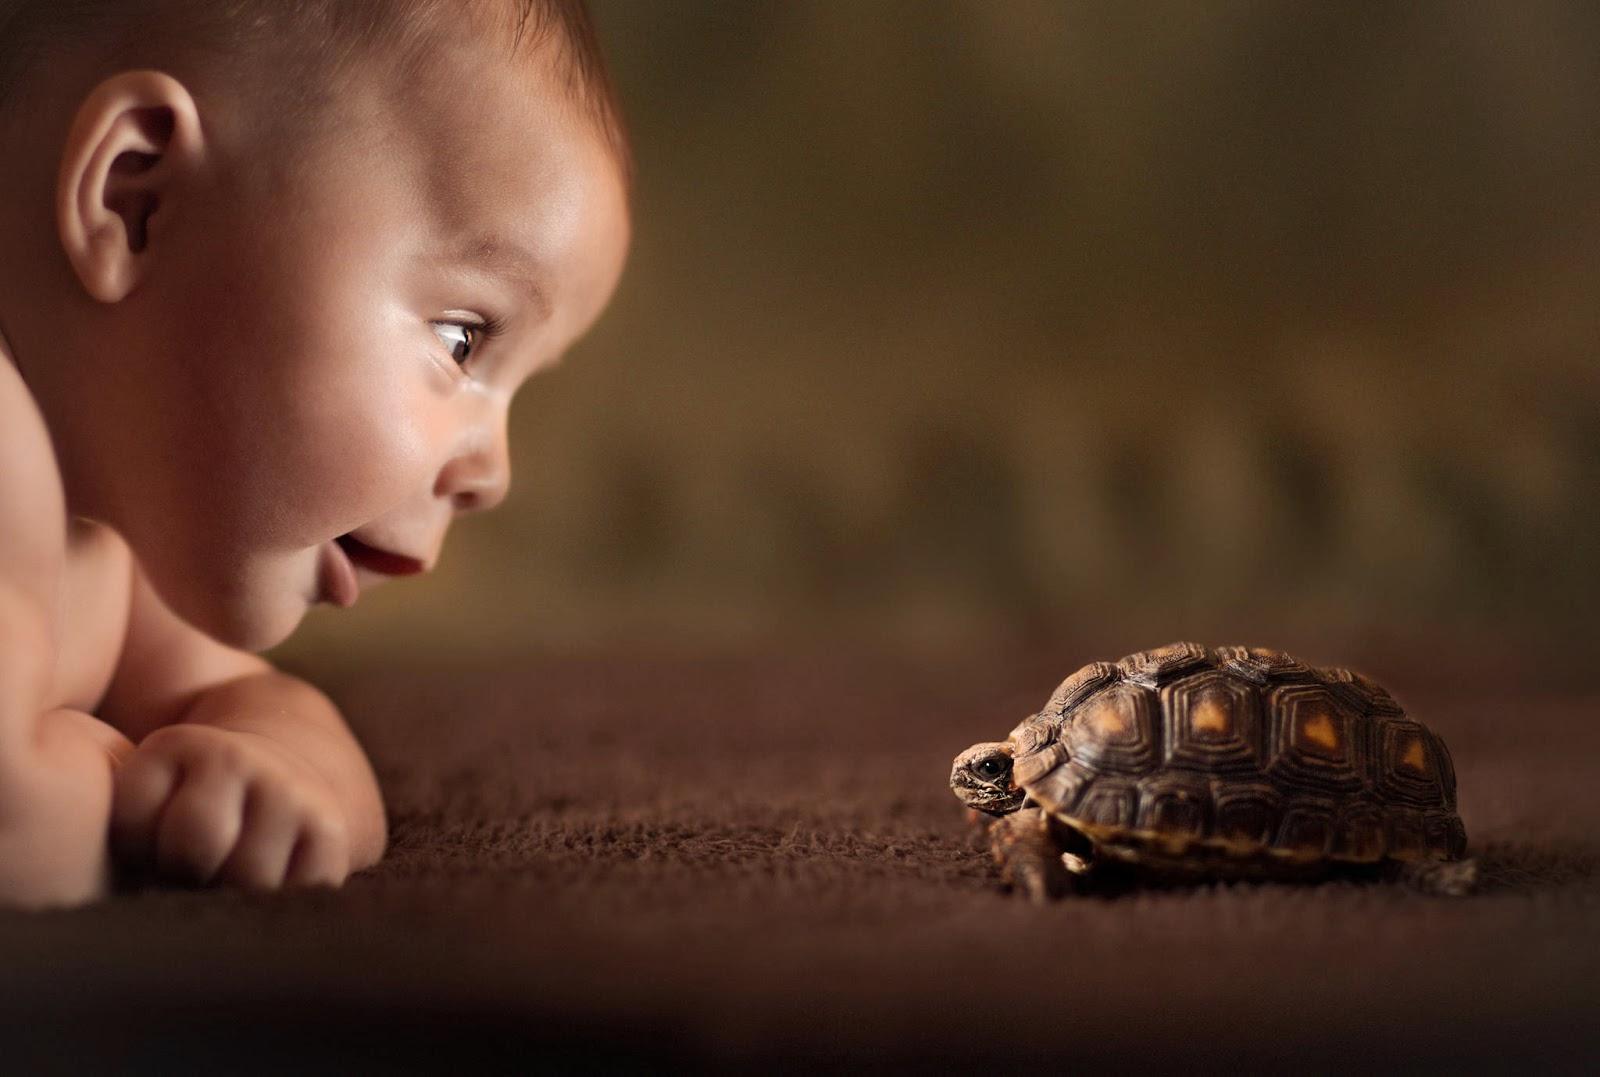 Niño & tortuga